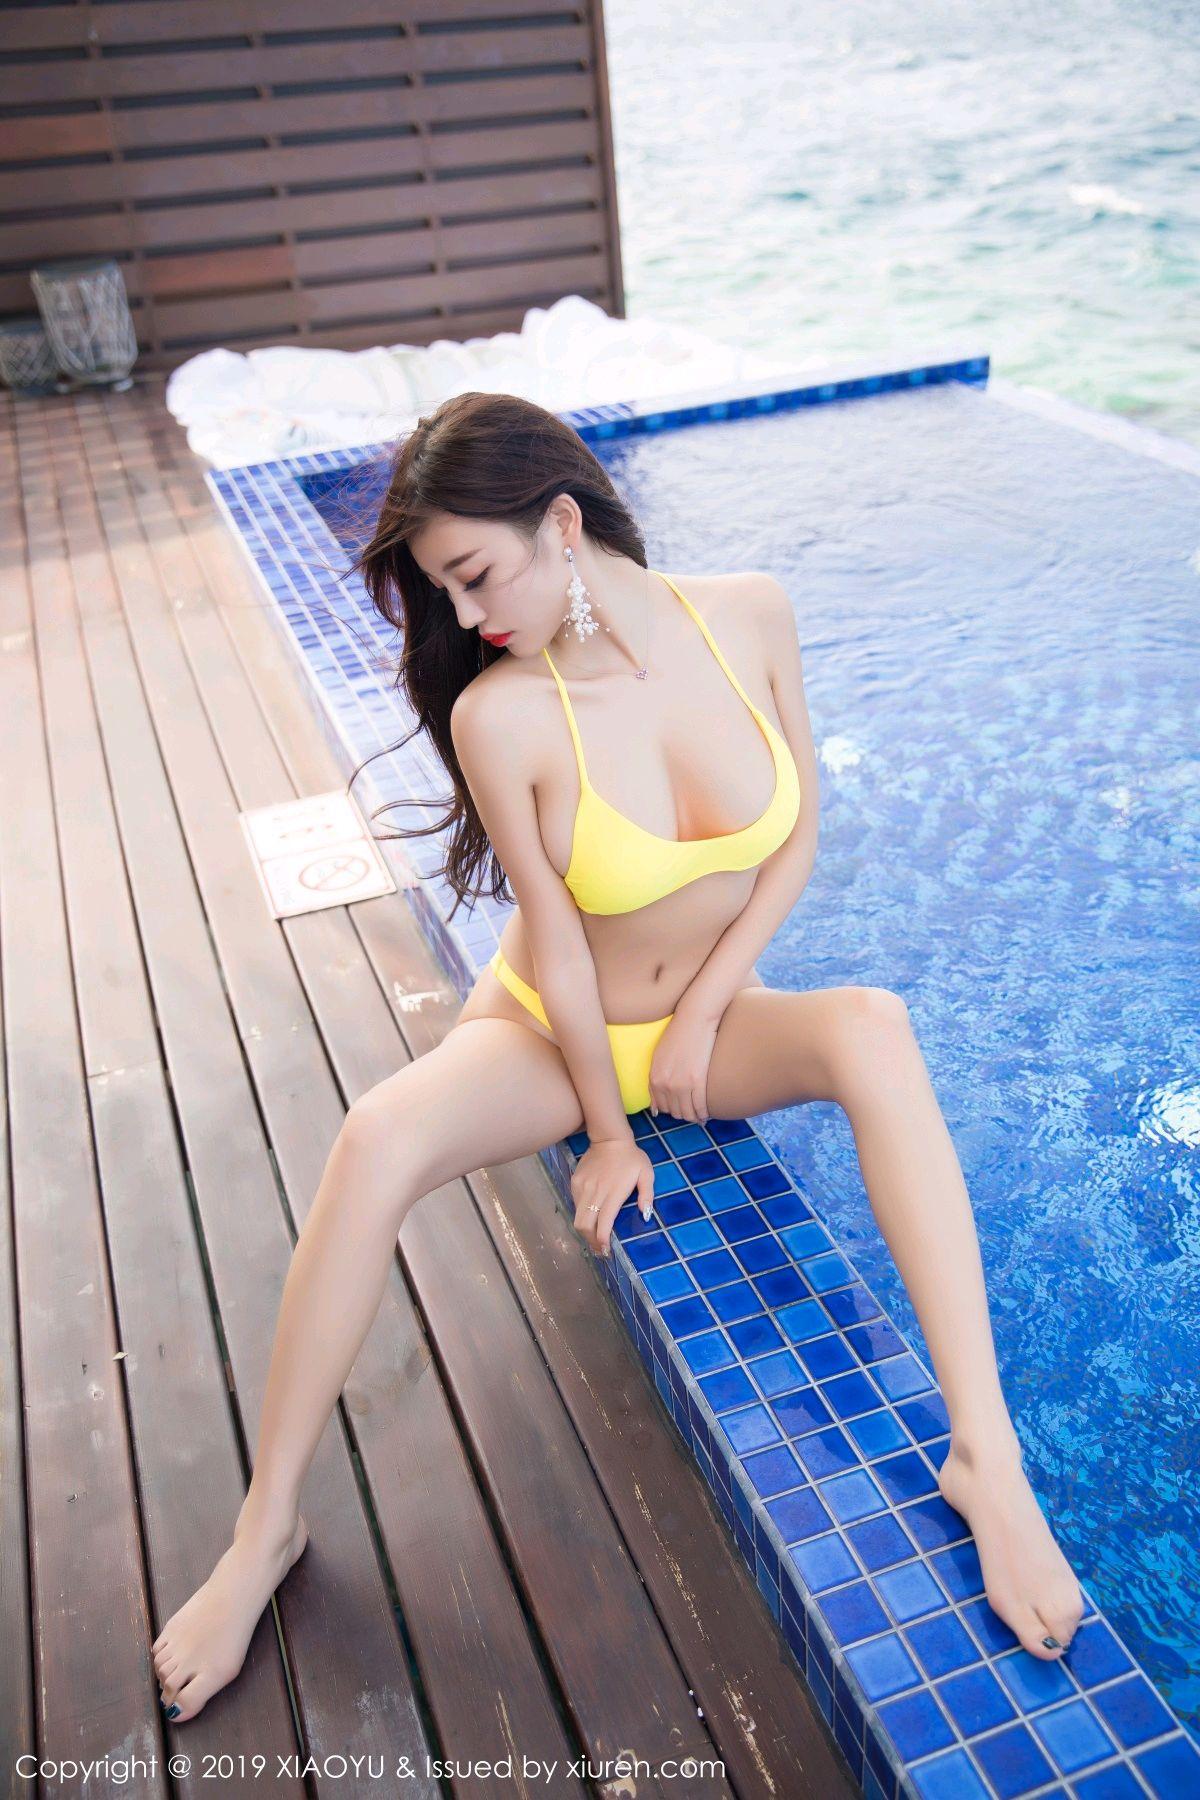 [XiaoYu] Vol.072 sugar 28P, Bikini, Swim Pool, XiaoYu, Yang Chen Chen